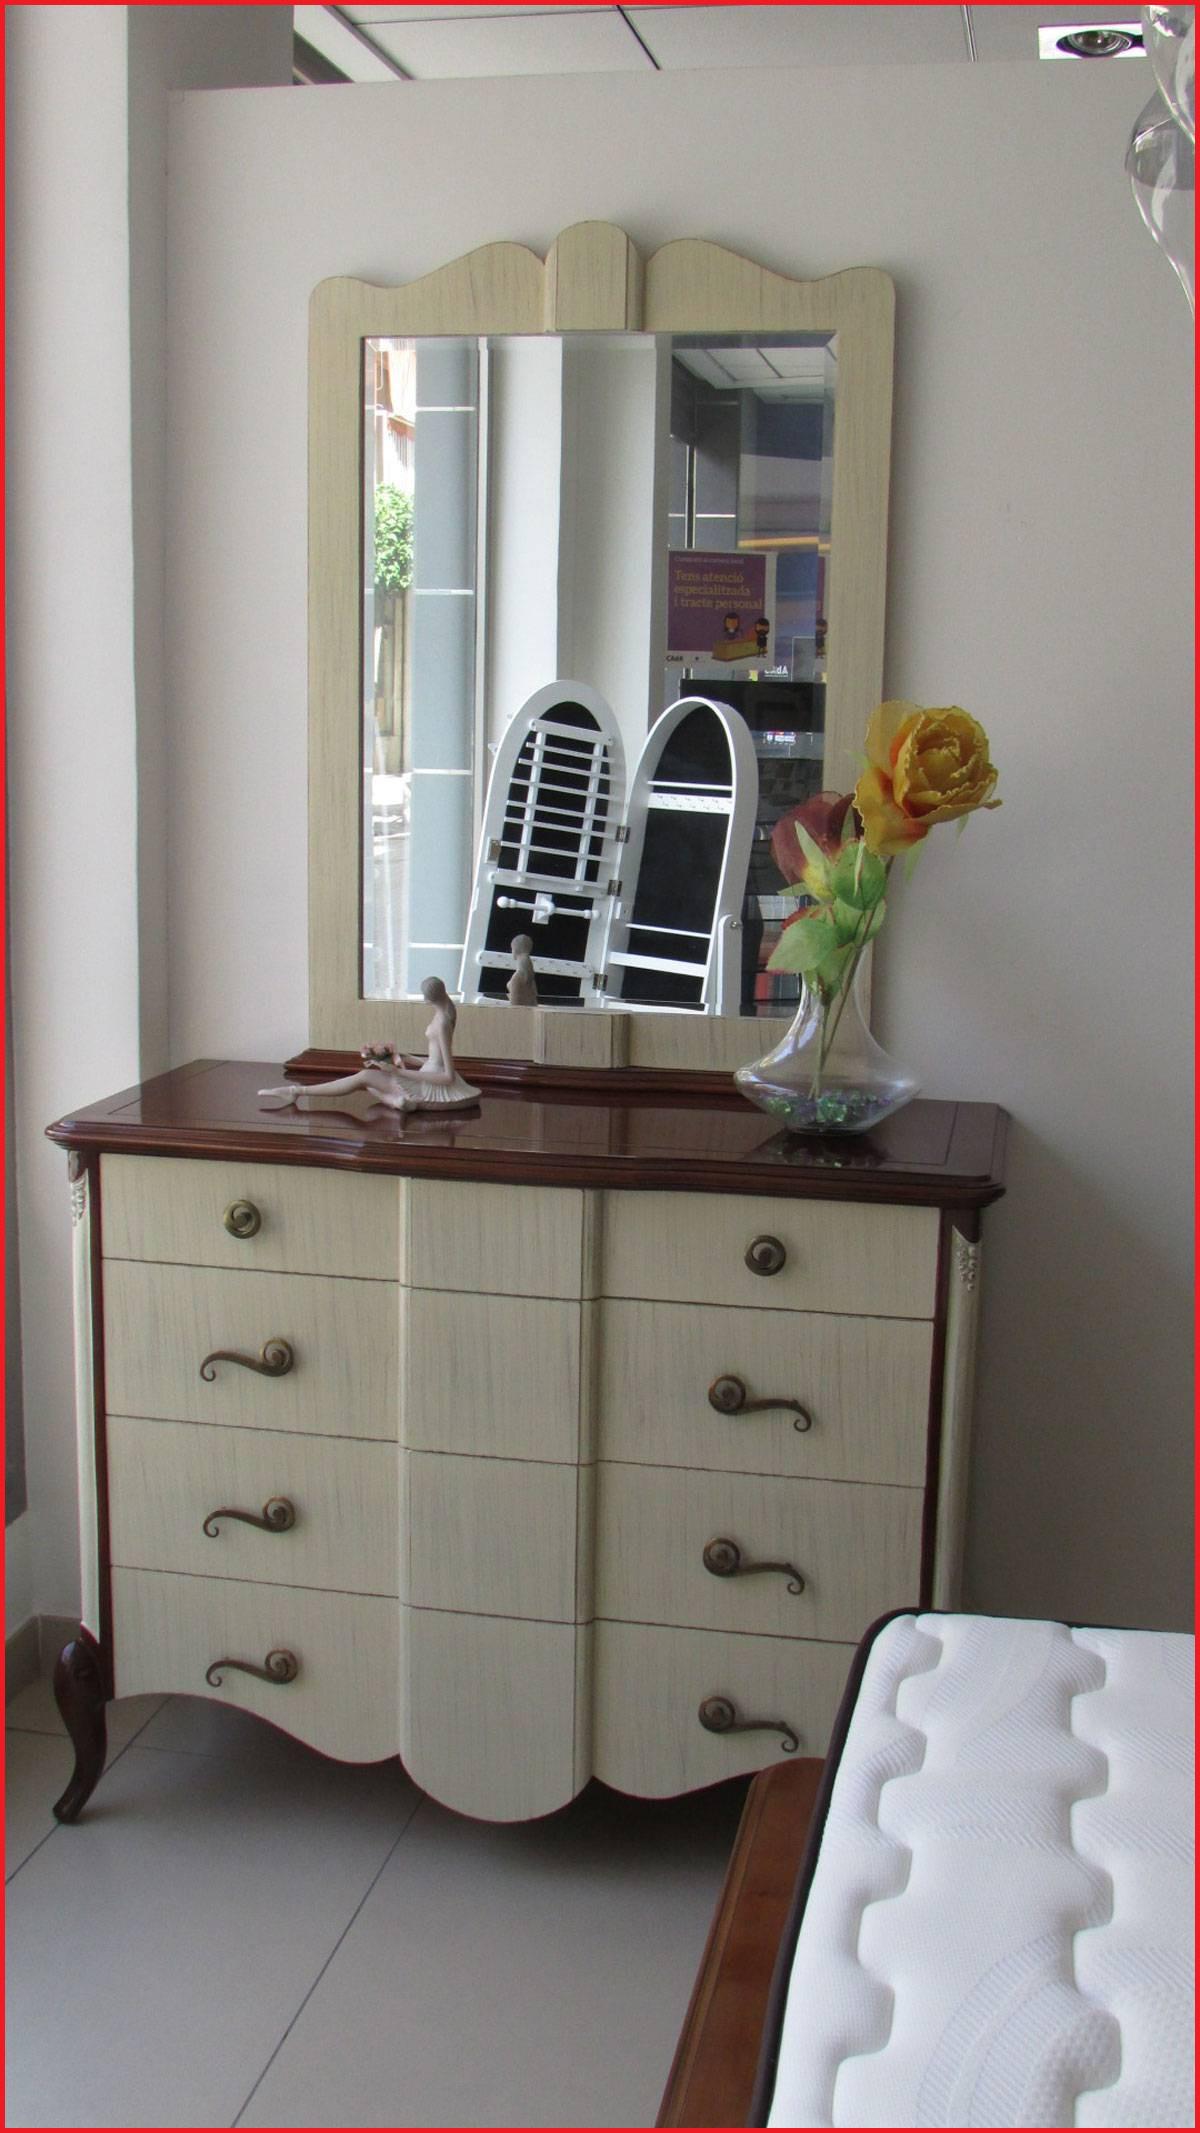 Muebles De Ocasion Rldj Muebles De Ocasion Valencia Muebles Ocasion Valencia Hogar Y